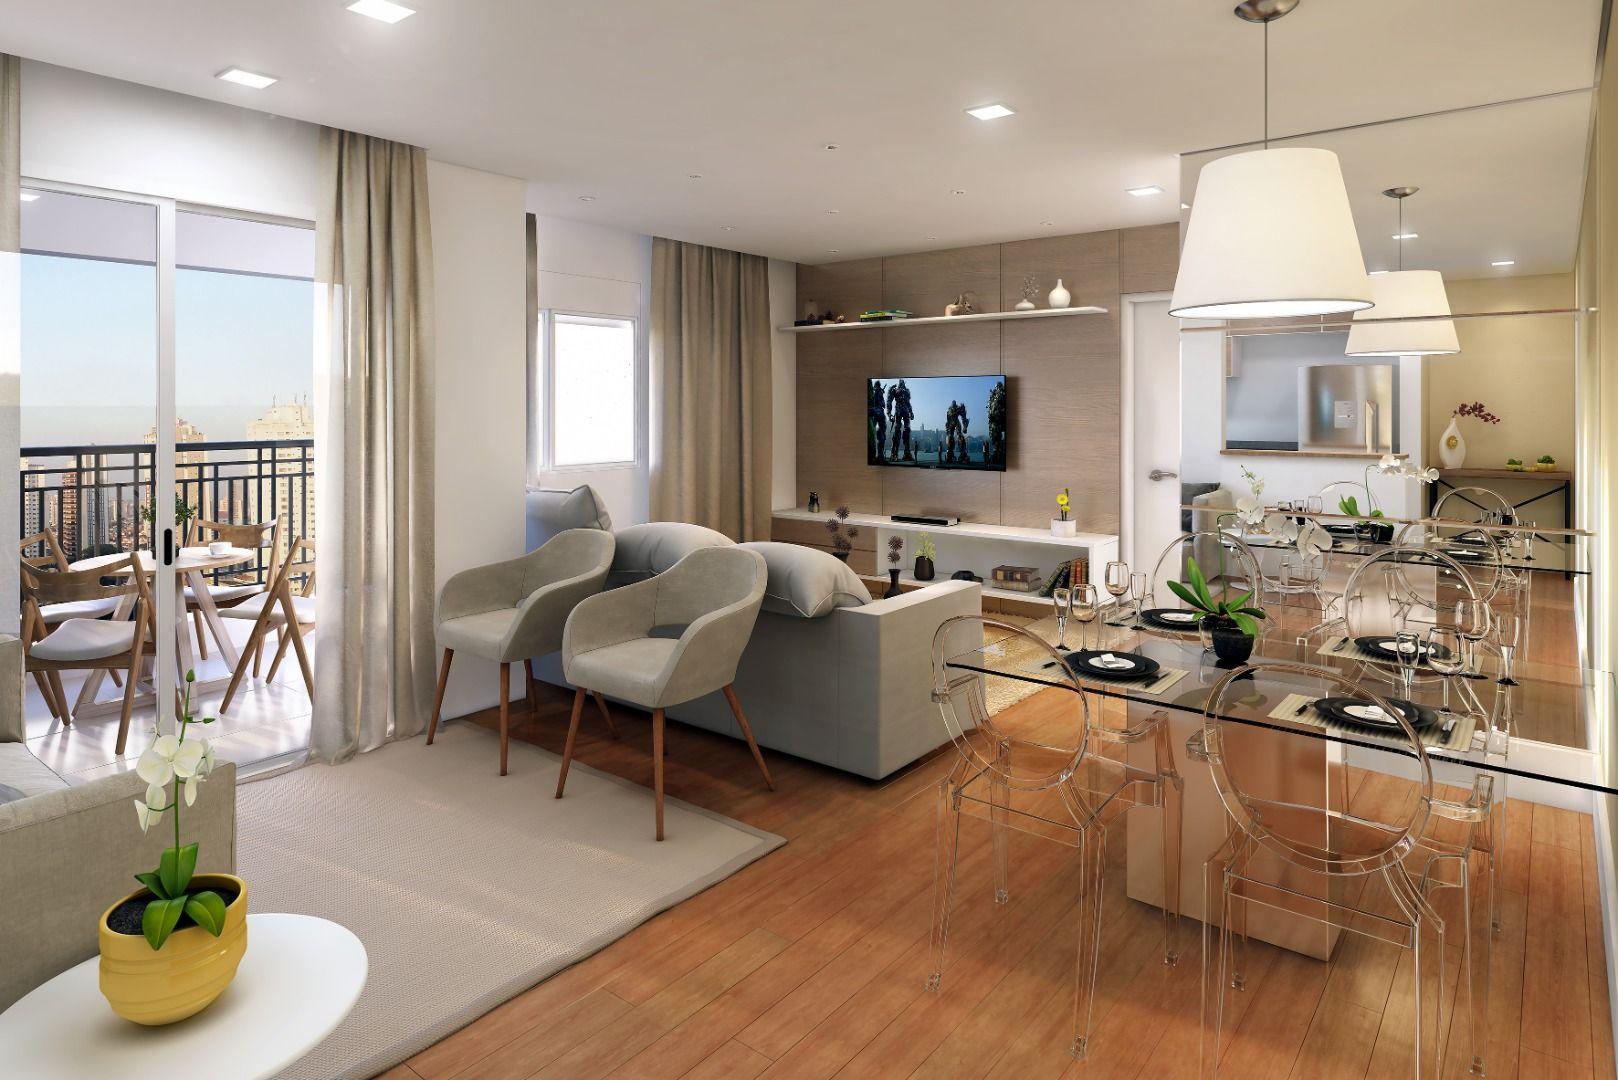 LIVING ampliado do apto de 61 m² integrado ao terraço. Muito espaço para receber os amigos! do Bienvenido